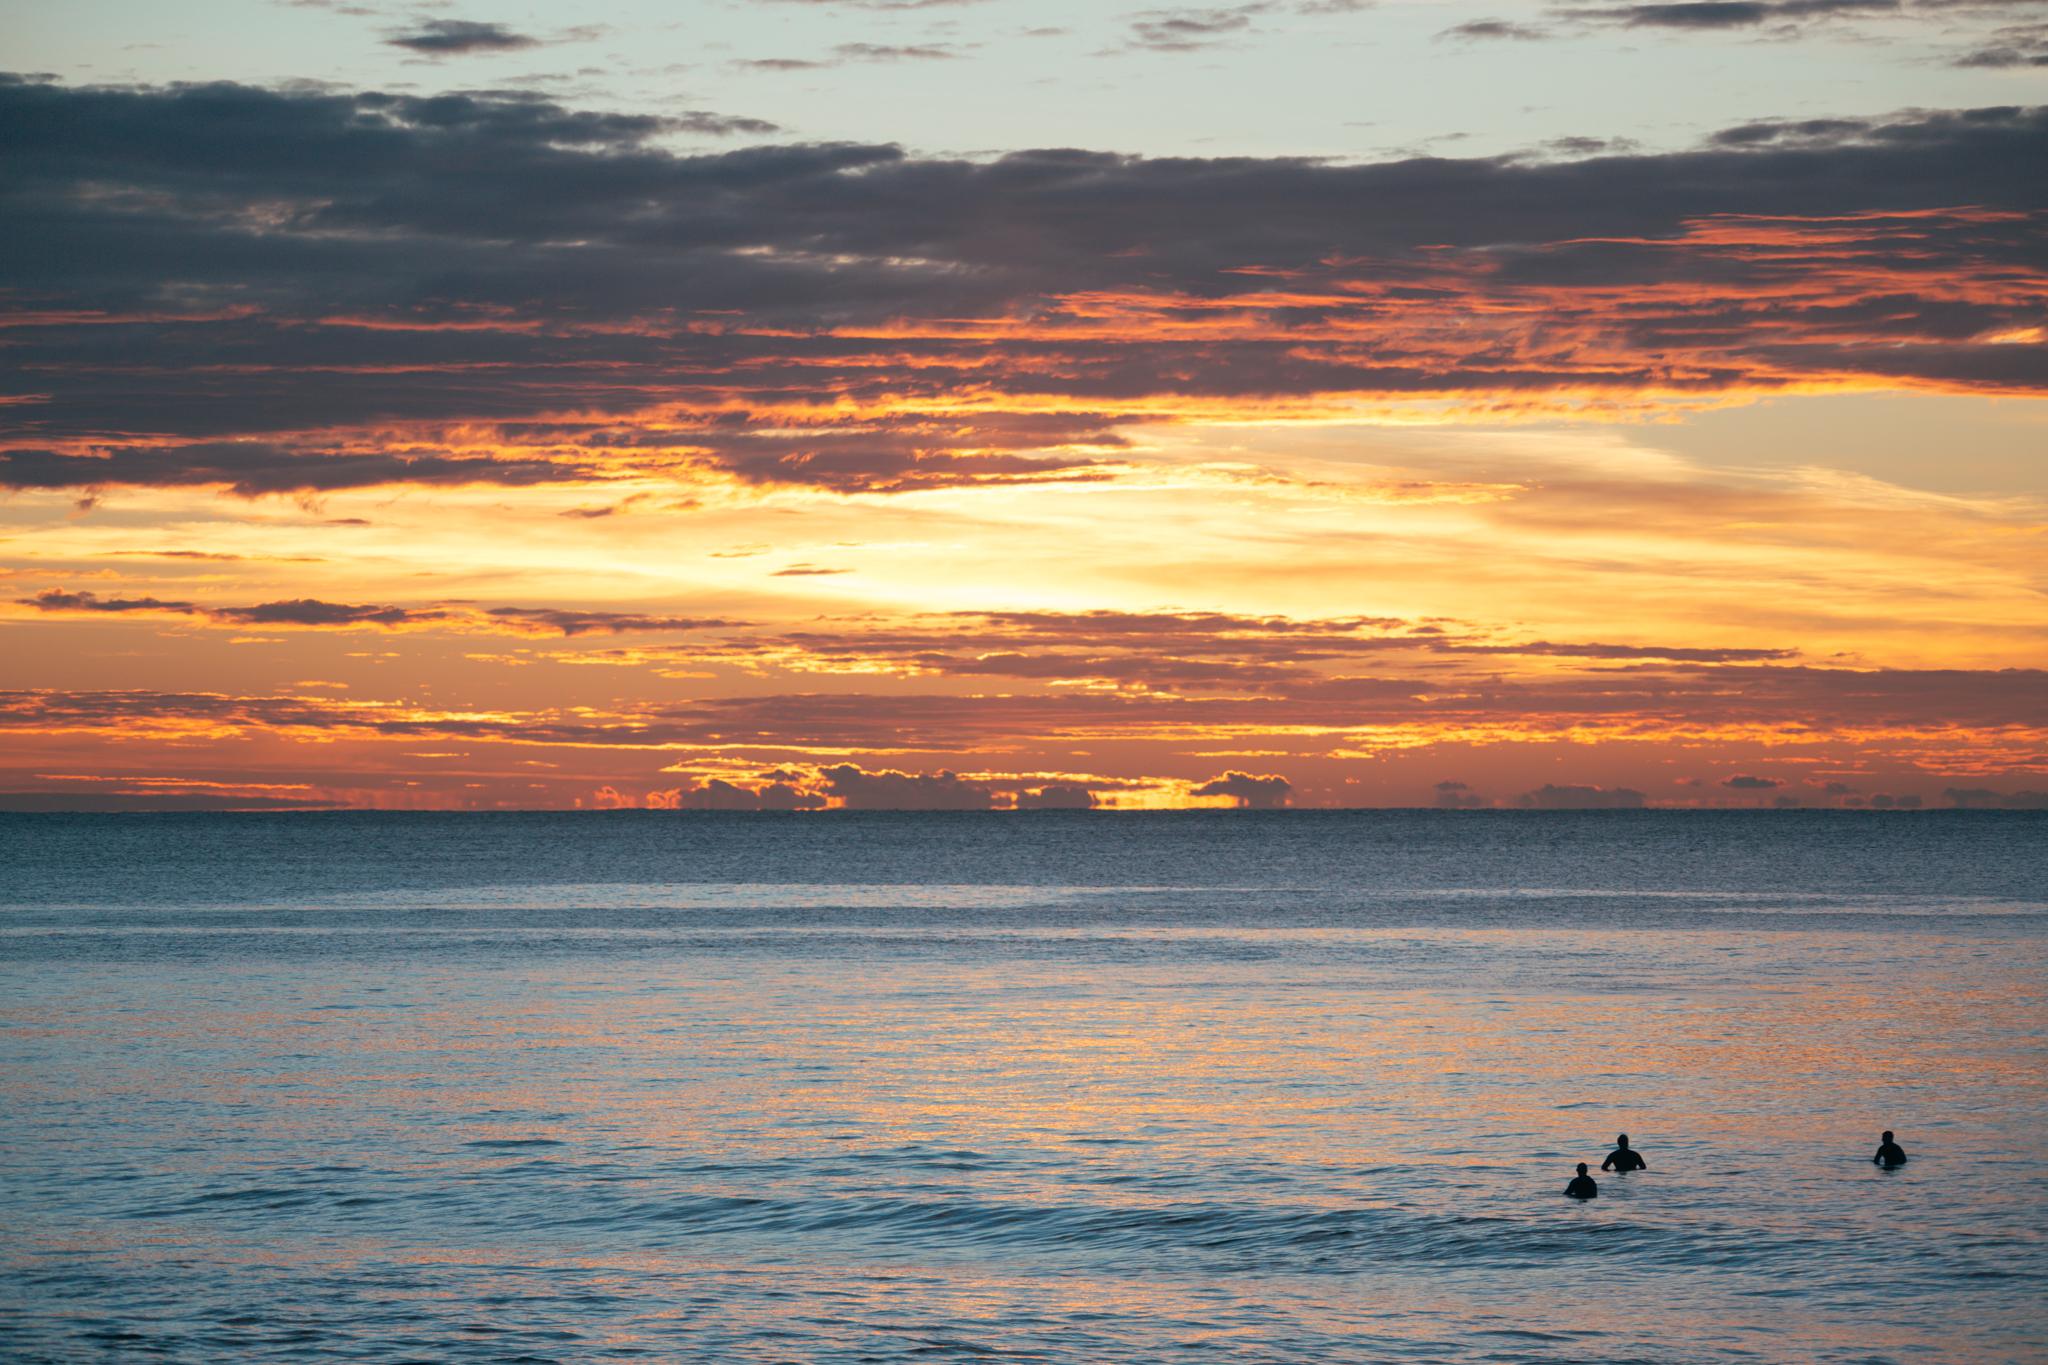 Stay_Driven_Palm_Beach_BH_M-5.jpg